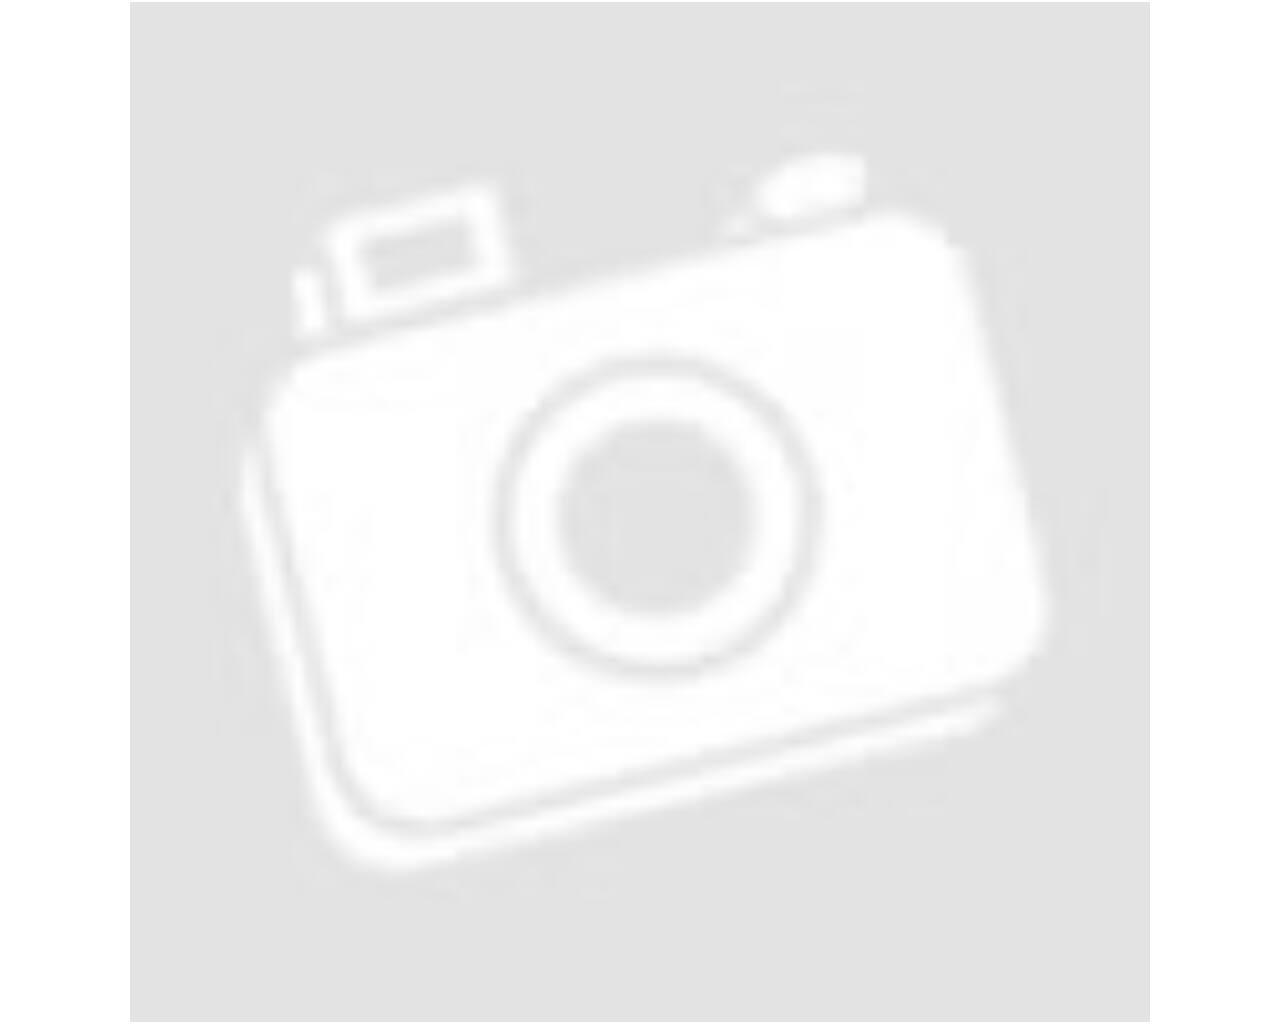 Műanyag ajtó fehér 198x88cm 3 kamrás Far East Weiss